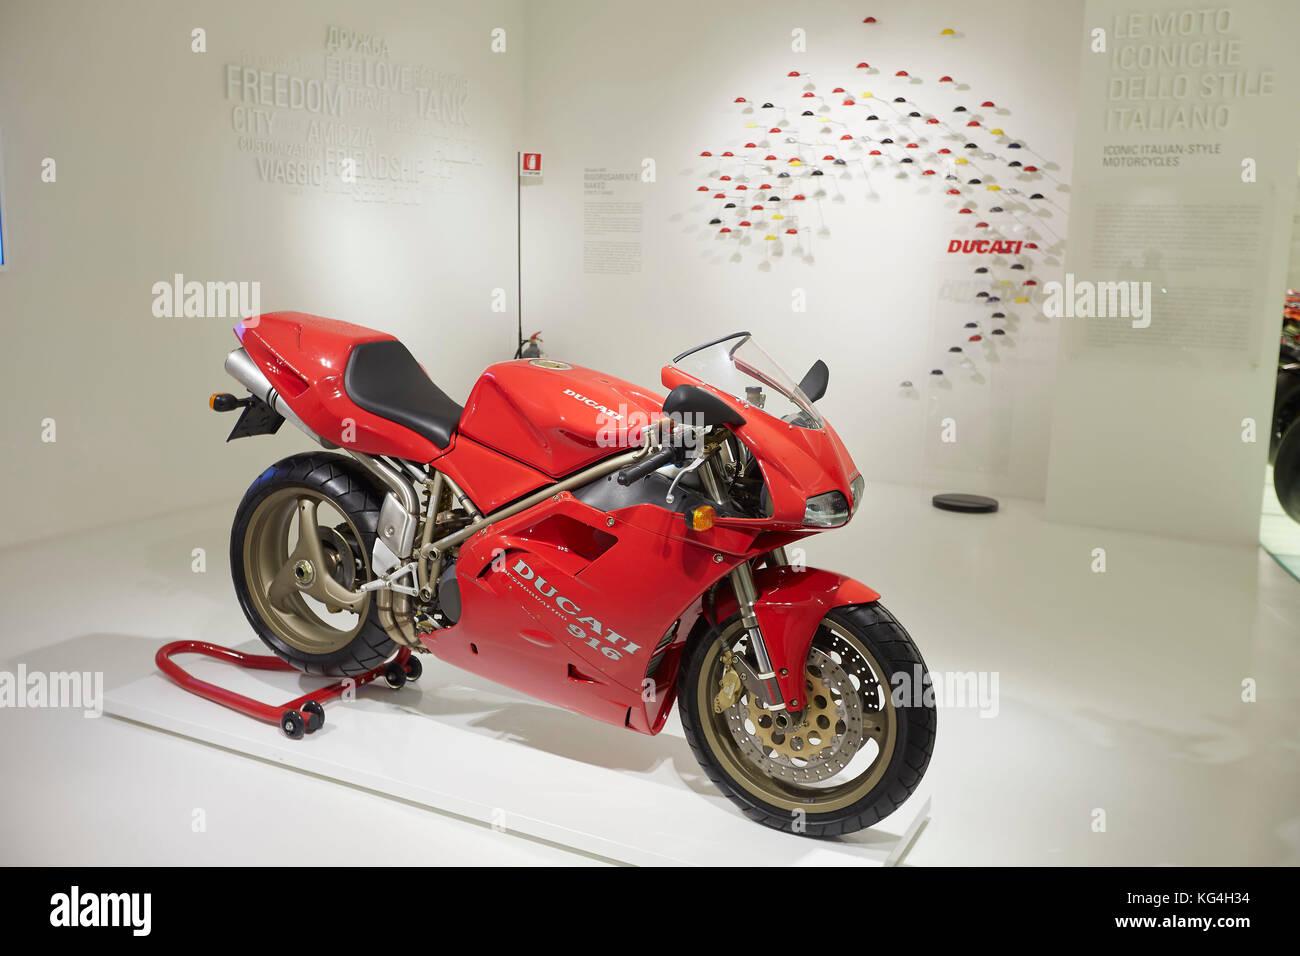 Ducati Classic Moto 916 sur l'affichage à l'usine Ducati museum, Bologne, Italie. Banque D'Images